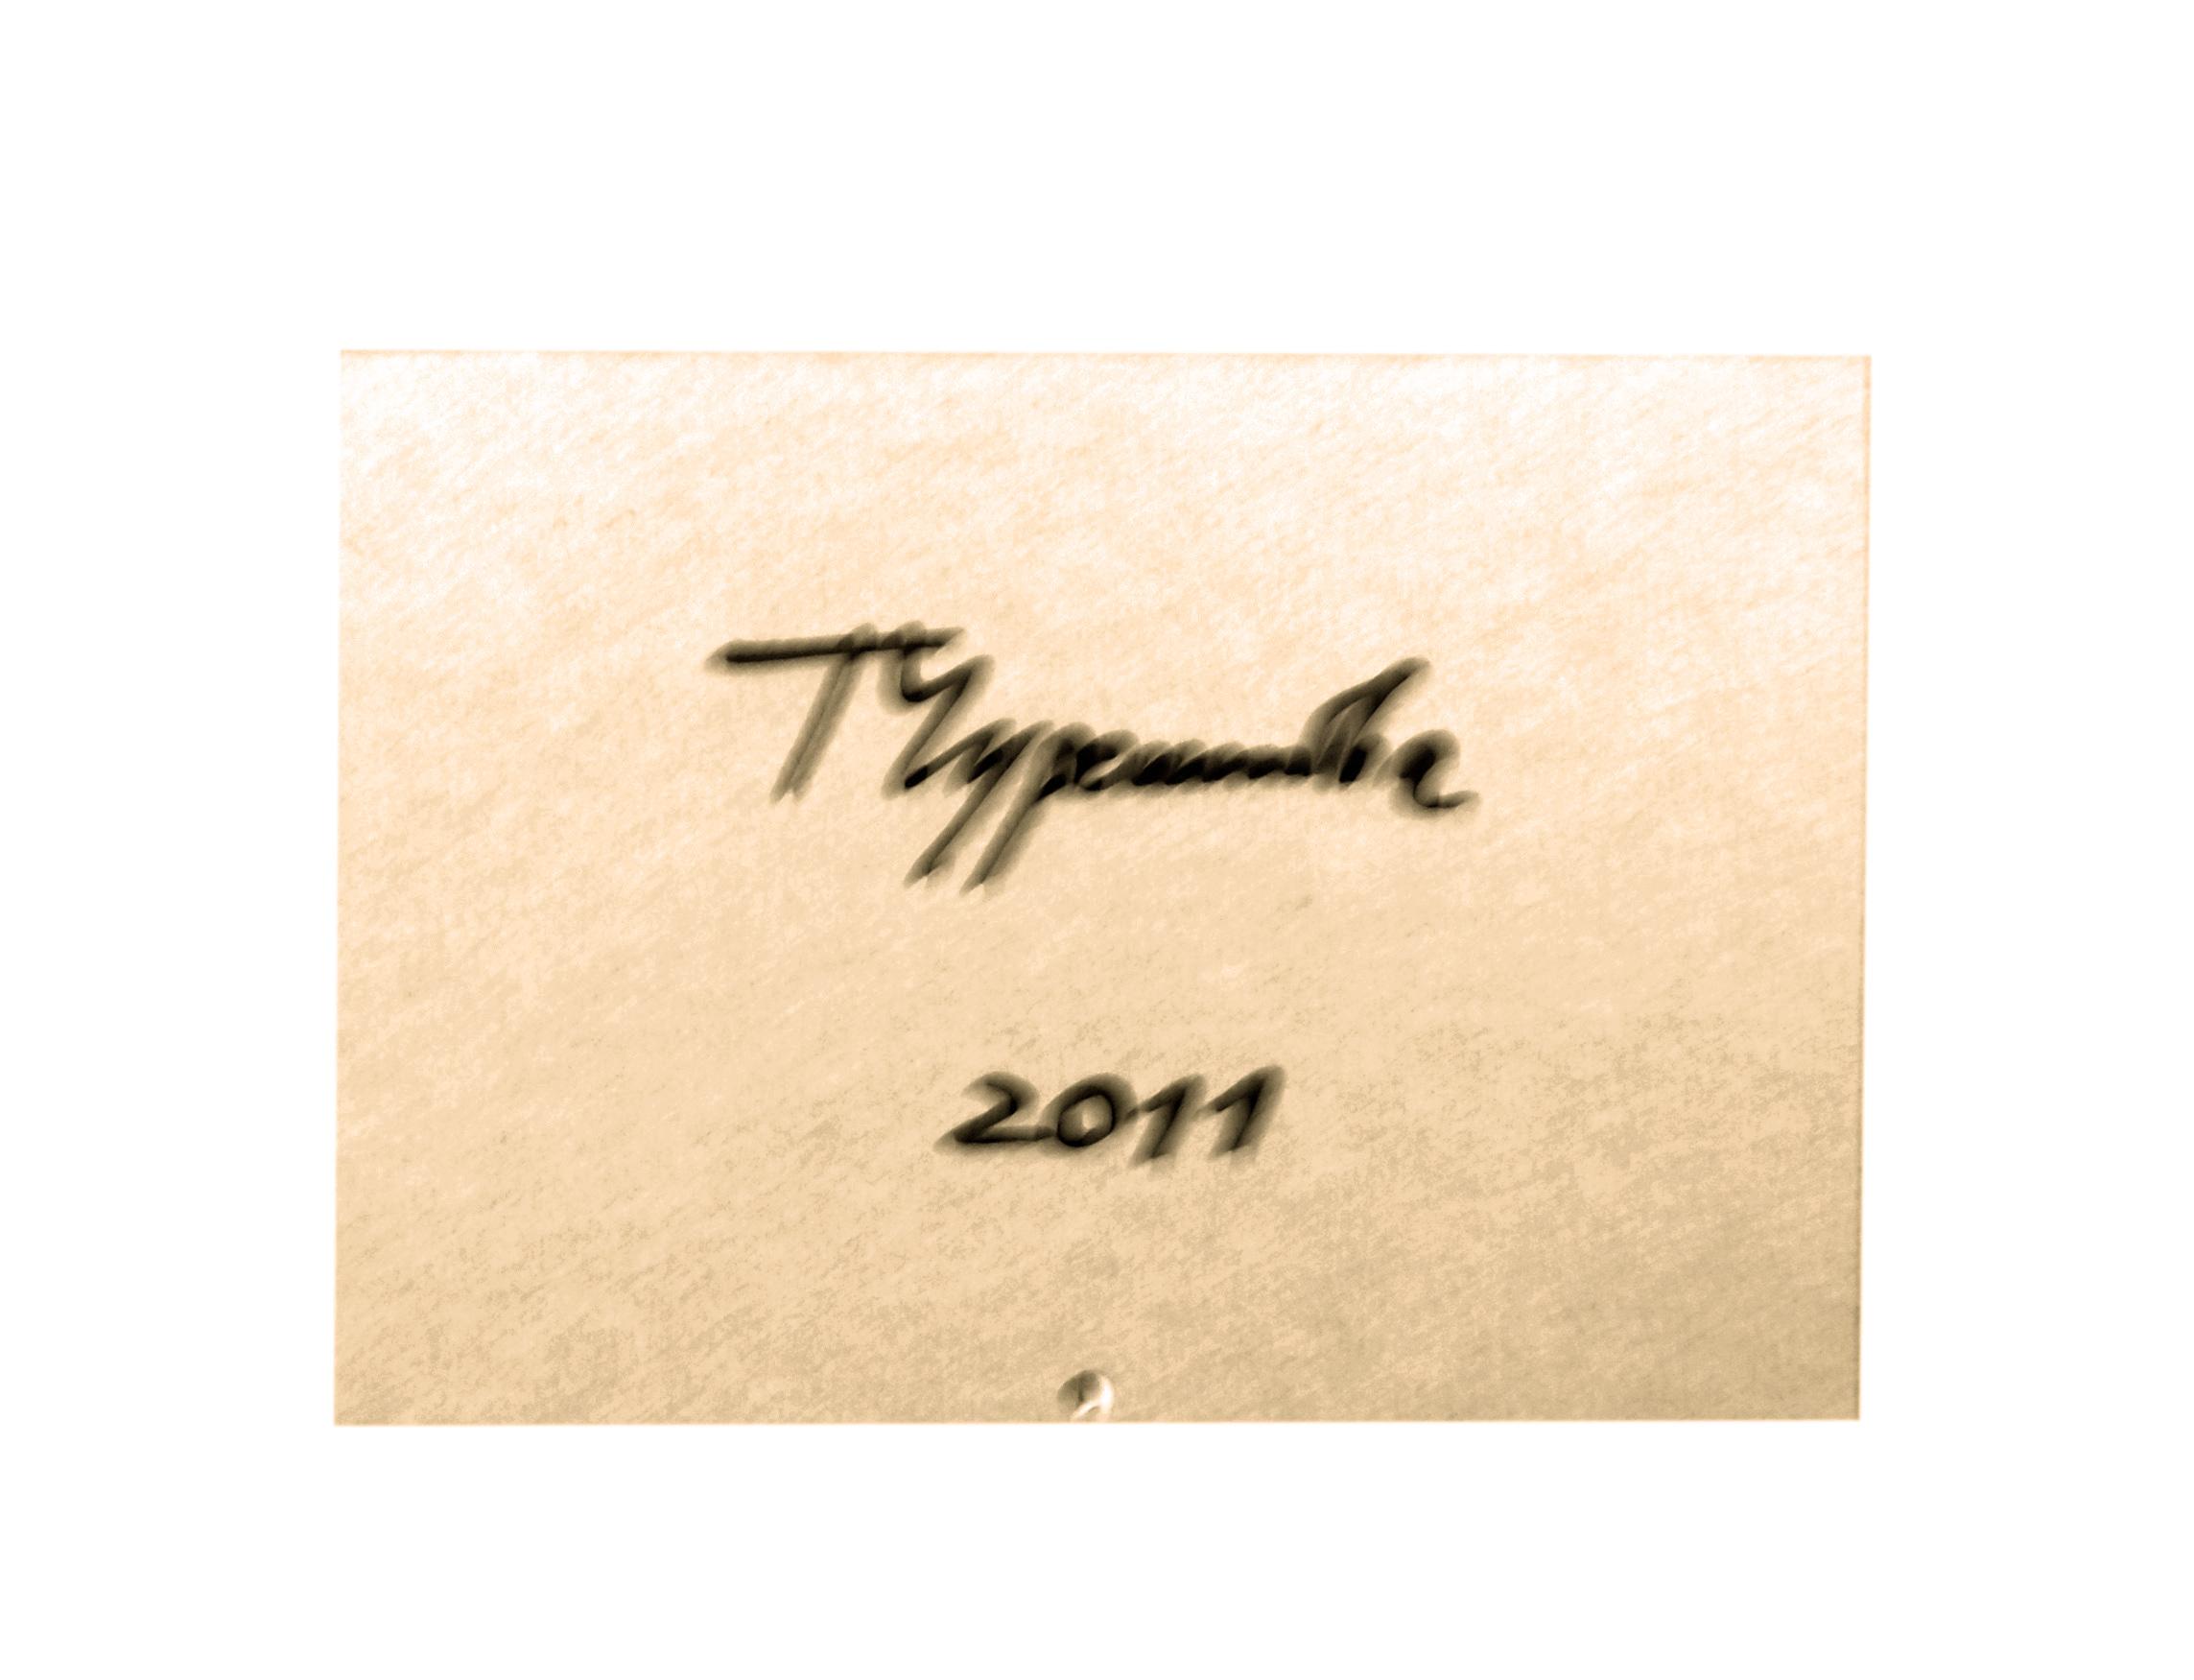 17908.JPG